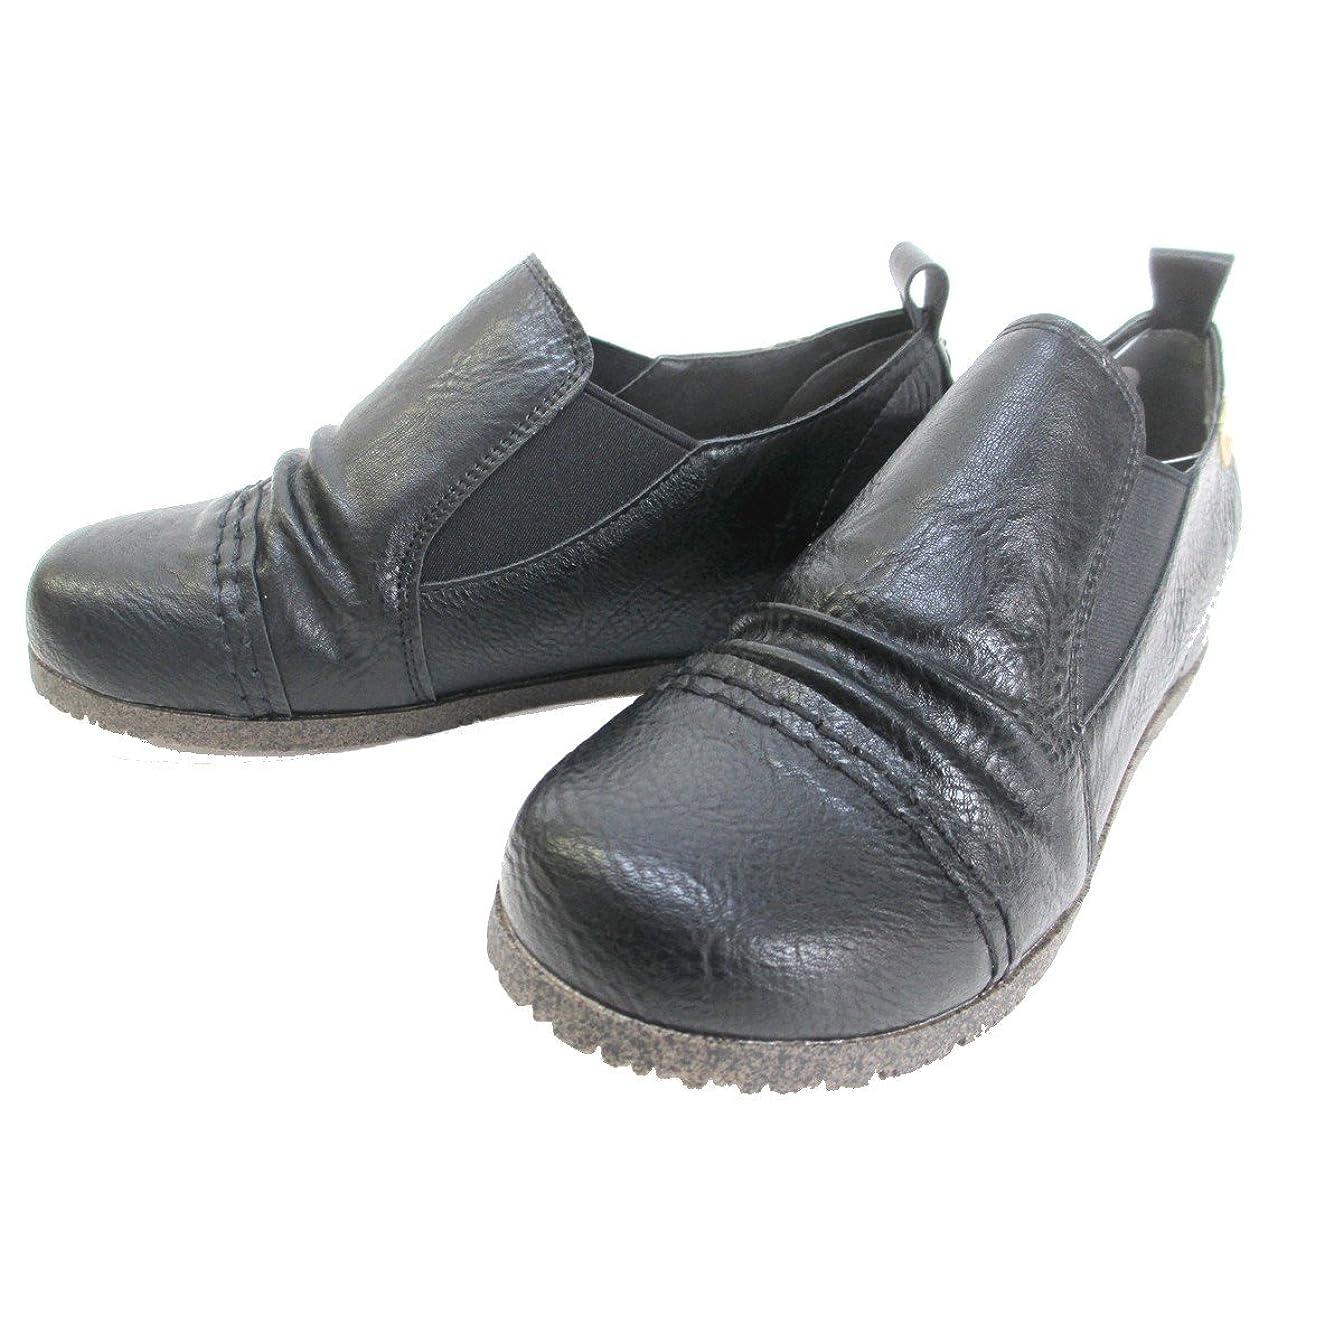 アイロニー赤字秘書[ノーブランド品] [マスチェッタ] MASCHIETTA 1015 レディース コンフォート カジュアルサイドゴアシューズ ラウンドトゥ インヒール 仕事靴 通勤靴